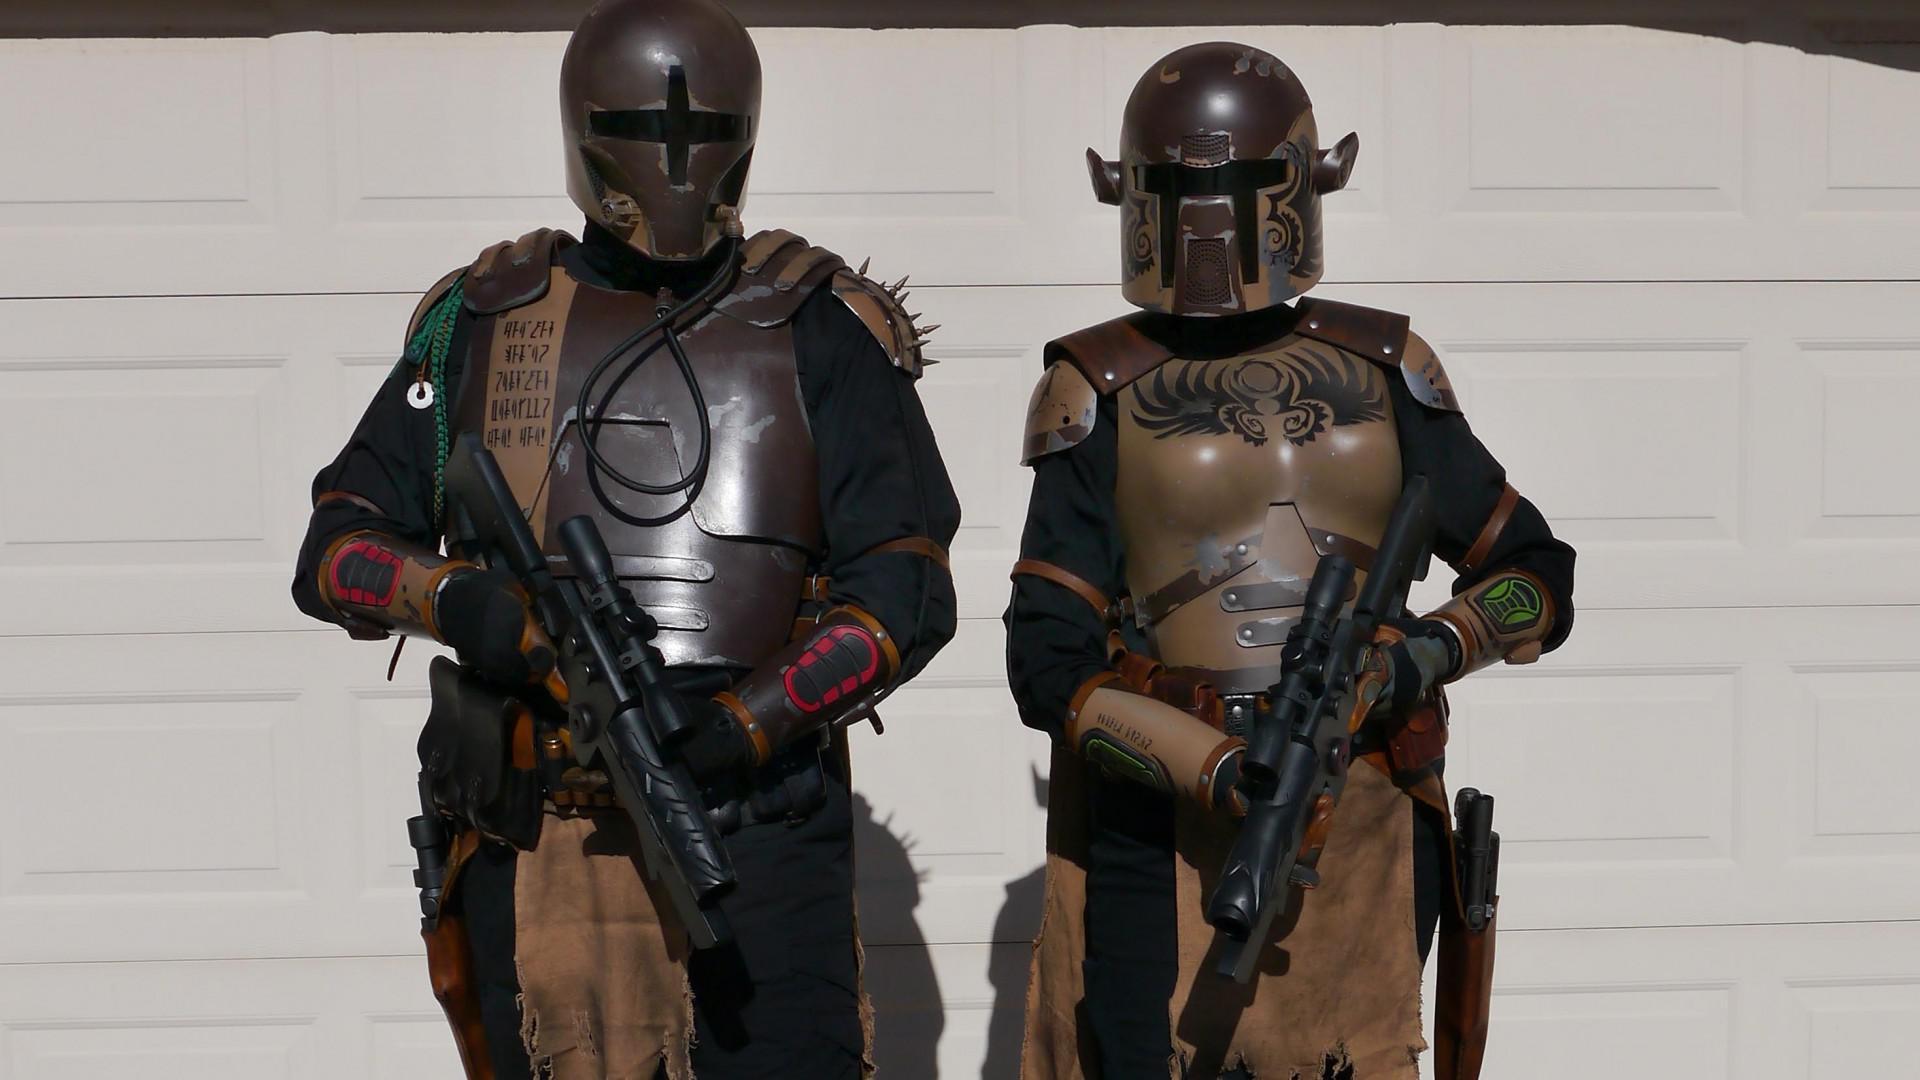 Wallpaper Clones Star Wars Jango Fett Bounty Hunter The